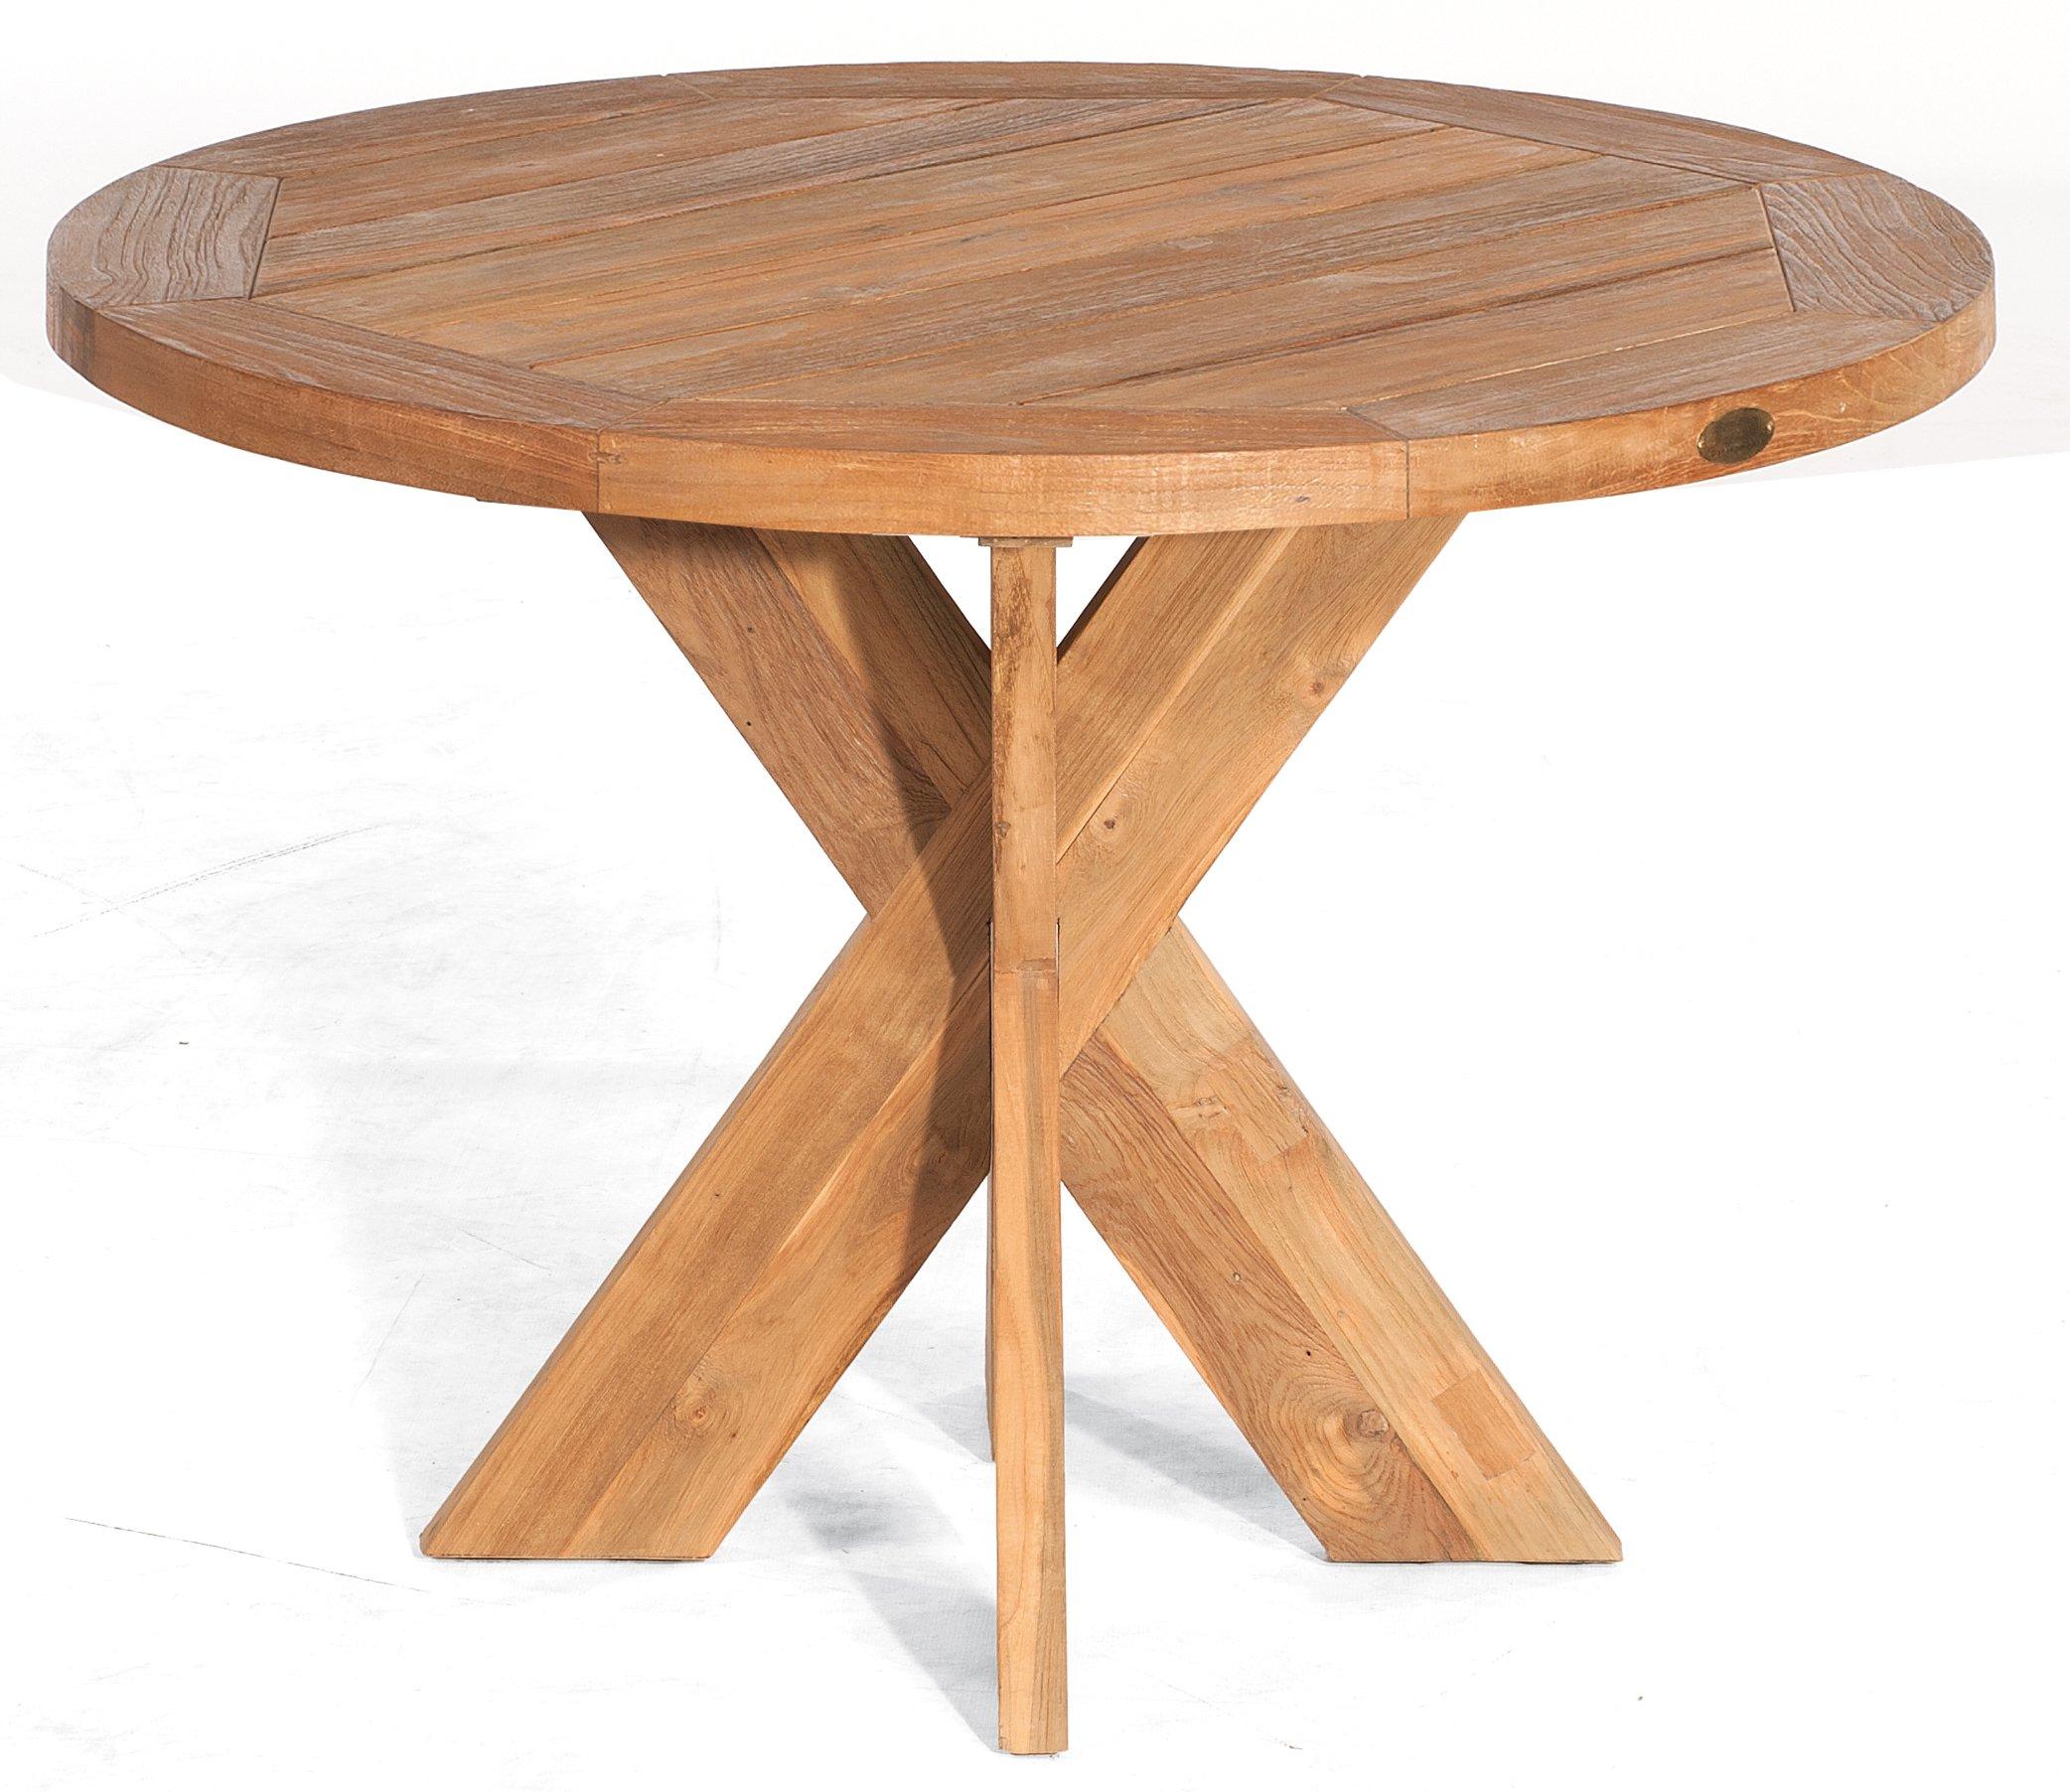 Witterungsbestandiger Teakholz Gartentisch Runde Tischplatte